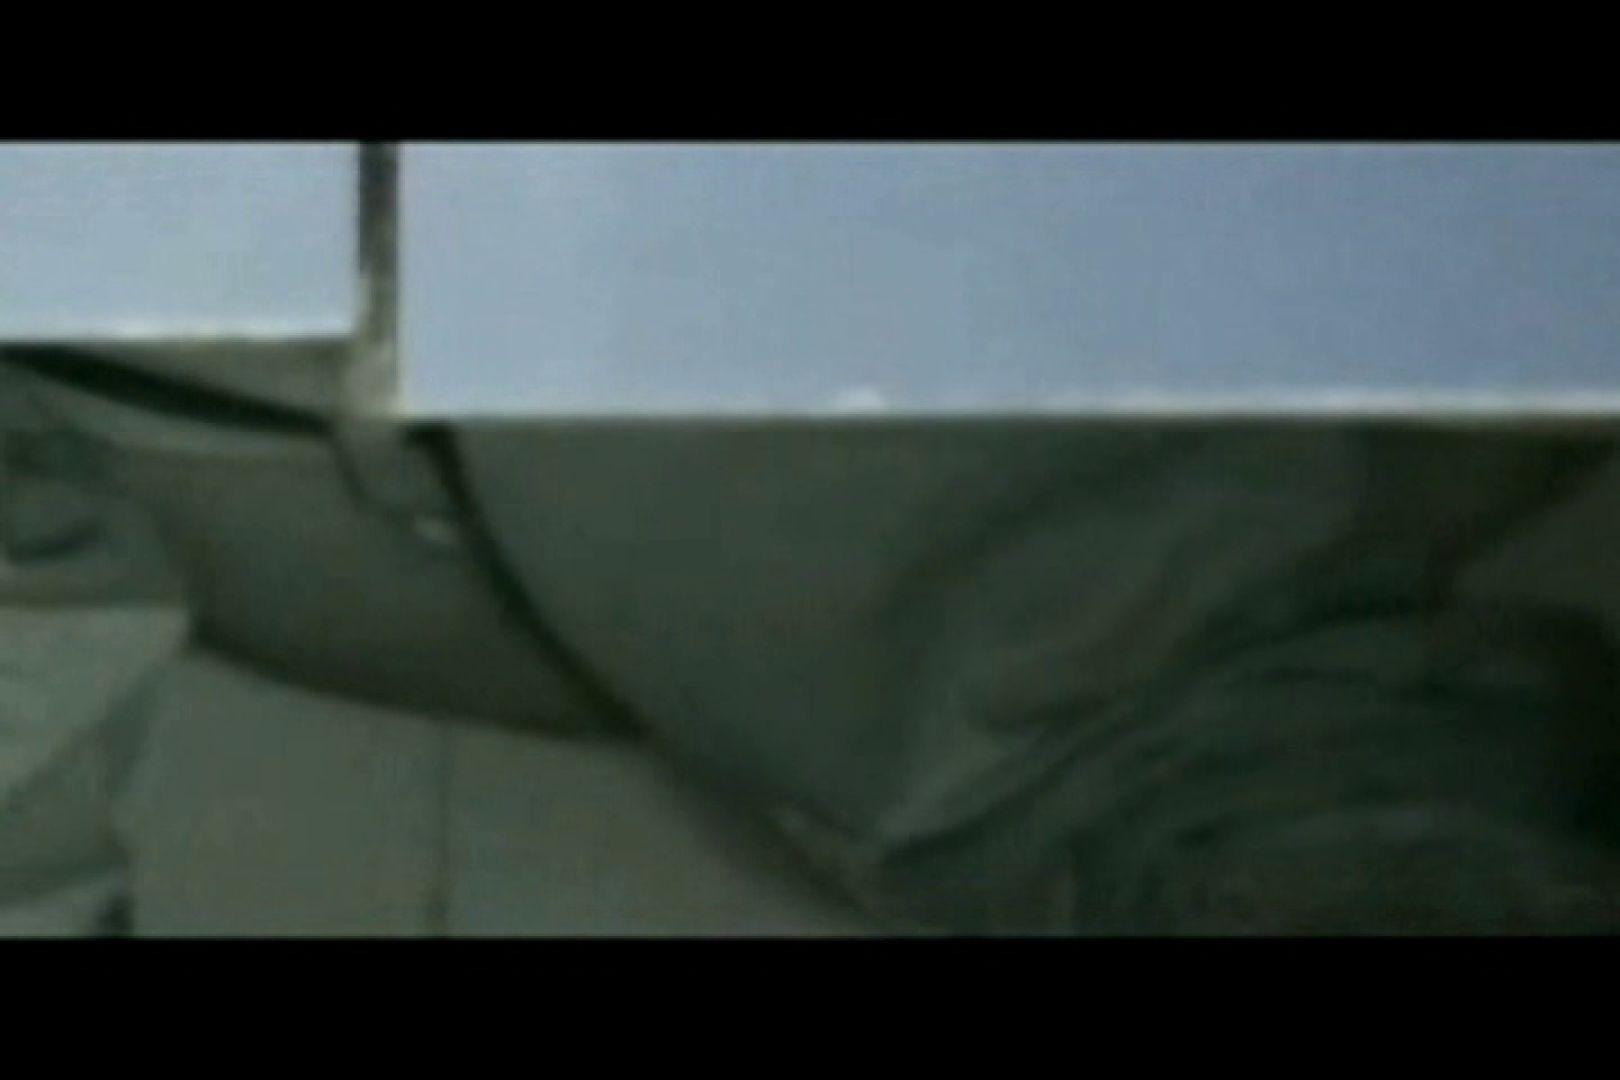 ぼっとん洗面所スペシャルVol.18 生おまんこ   OLエロ画像  63PICs 7